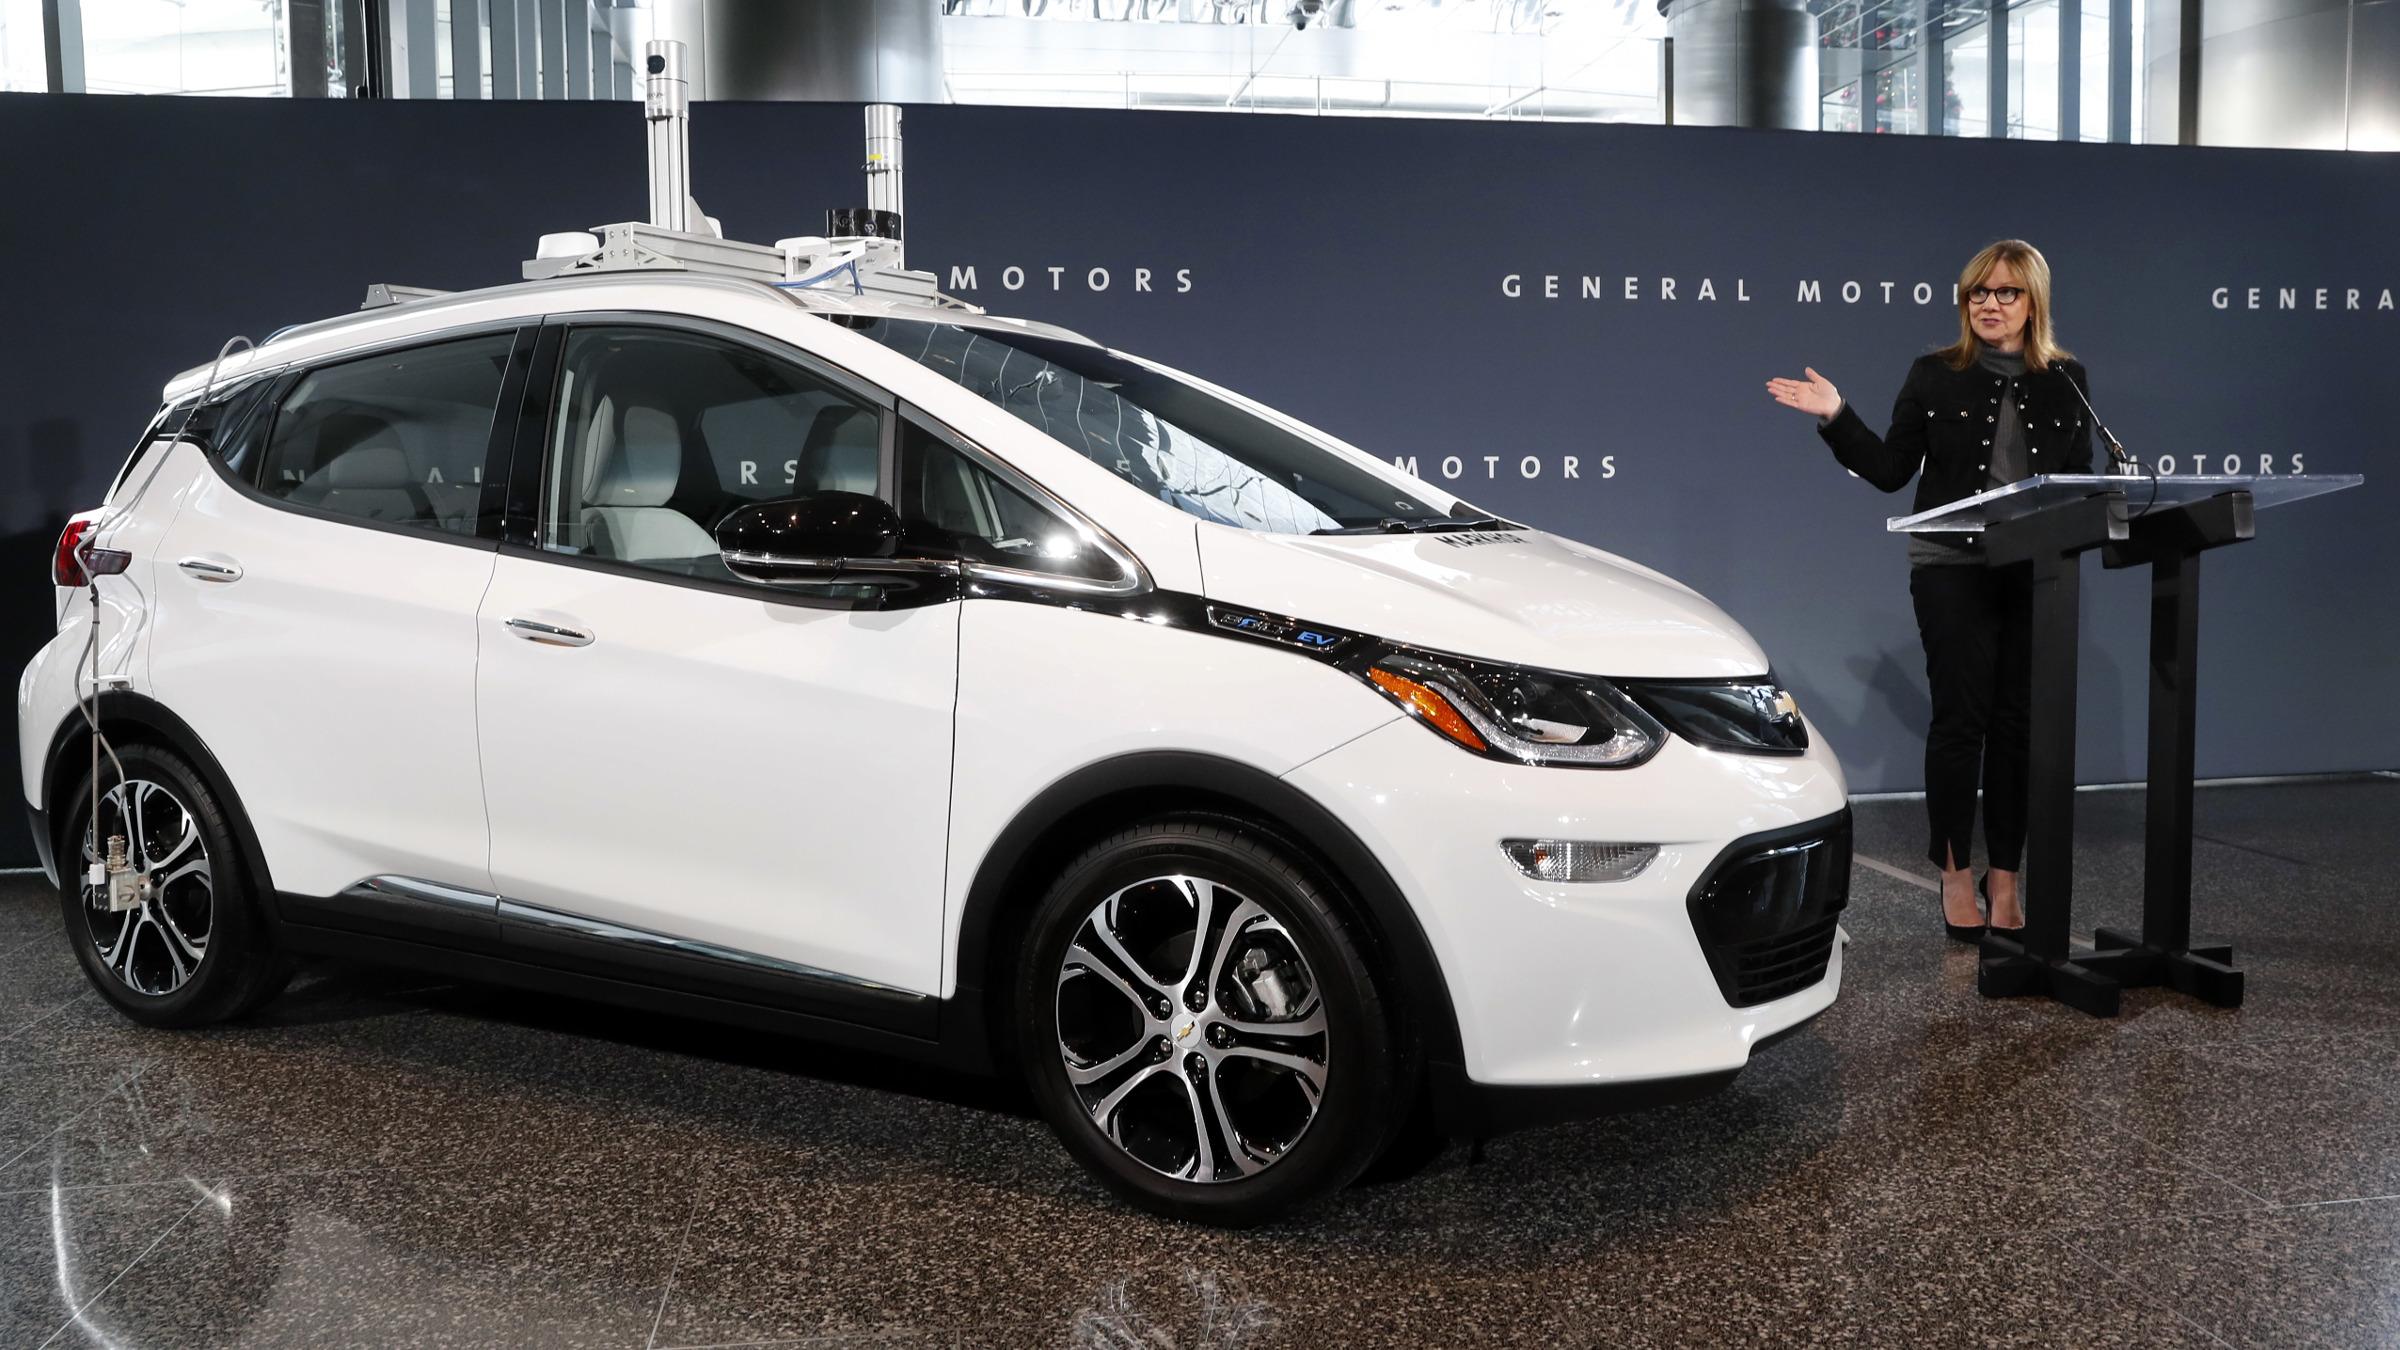 Build A Honda >> Gm Cruise And Honda Will Build An Autonomous Car Quartz